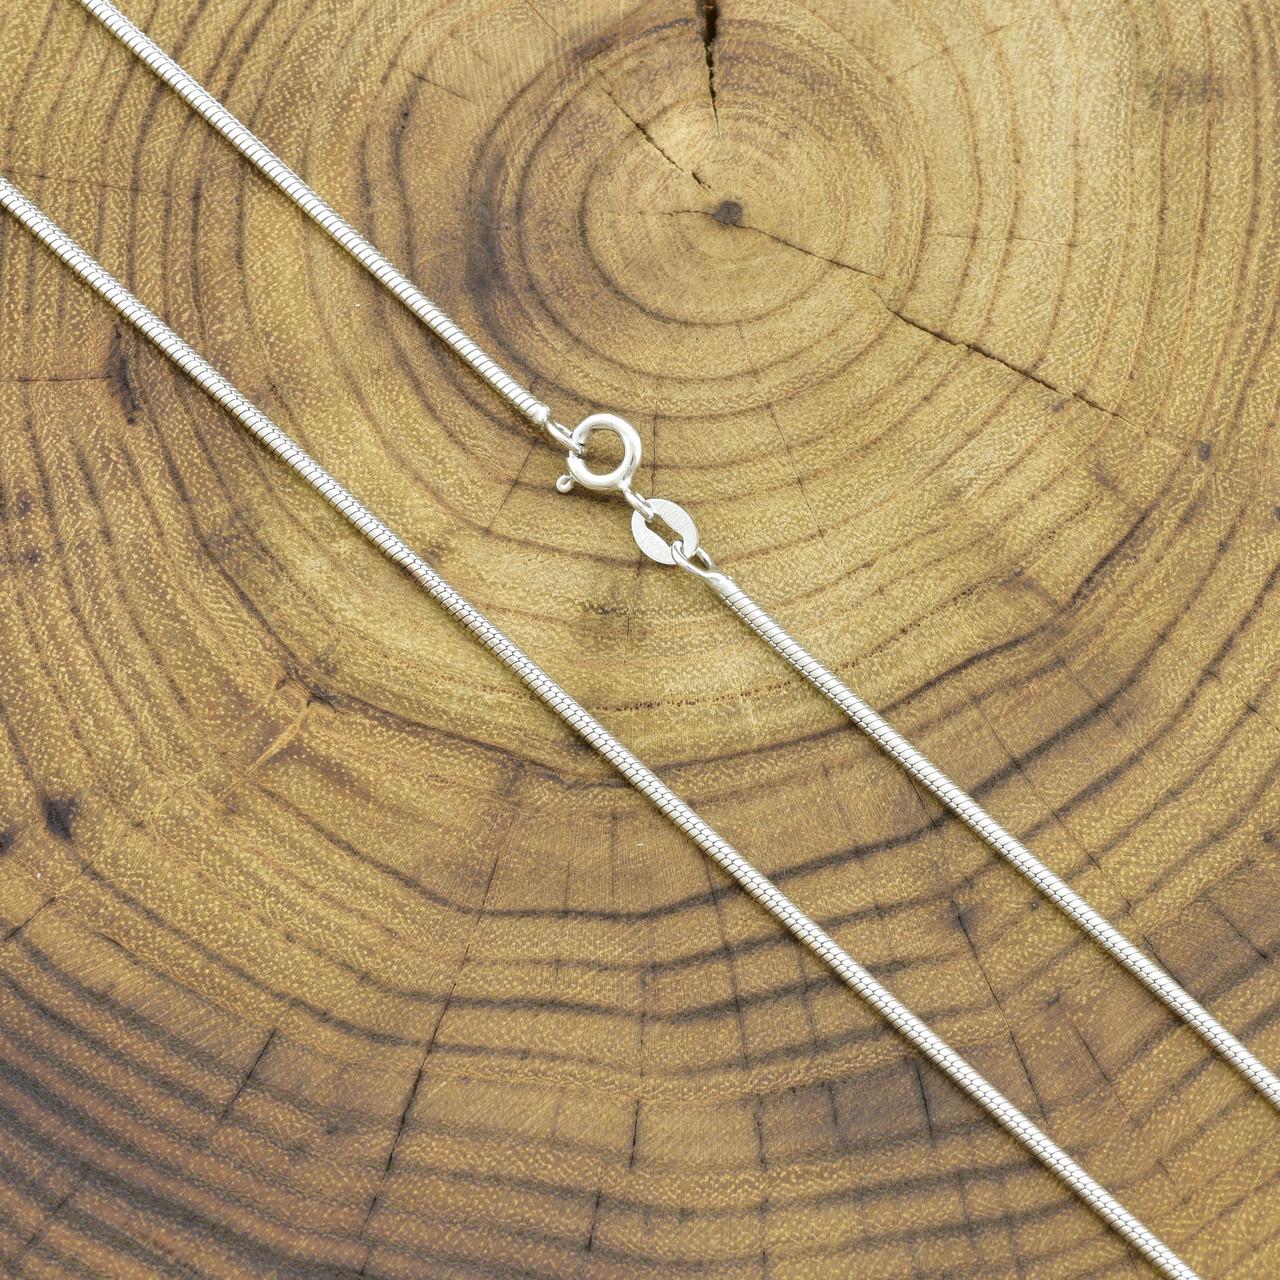 Серебряная цепочка Змейка длина 55 см ширина 2 мм вес 9 г